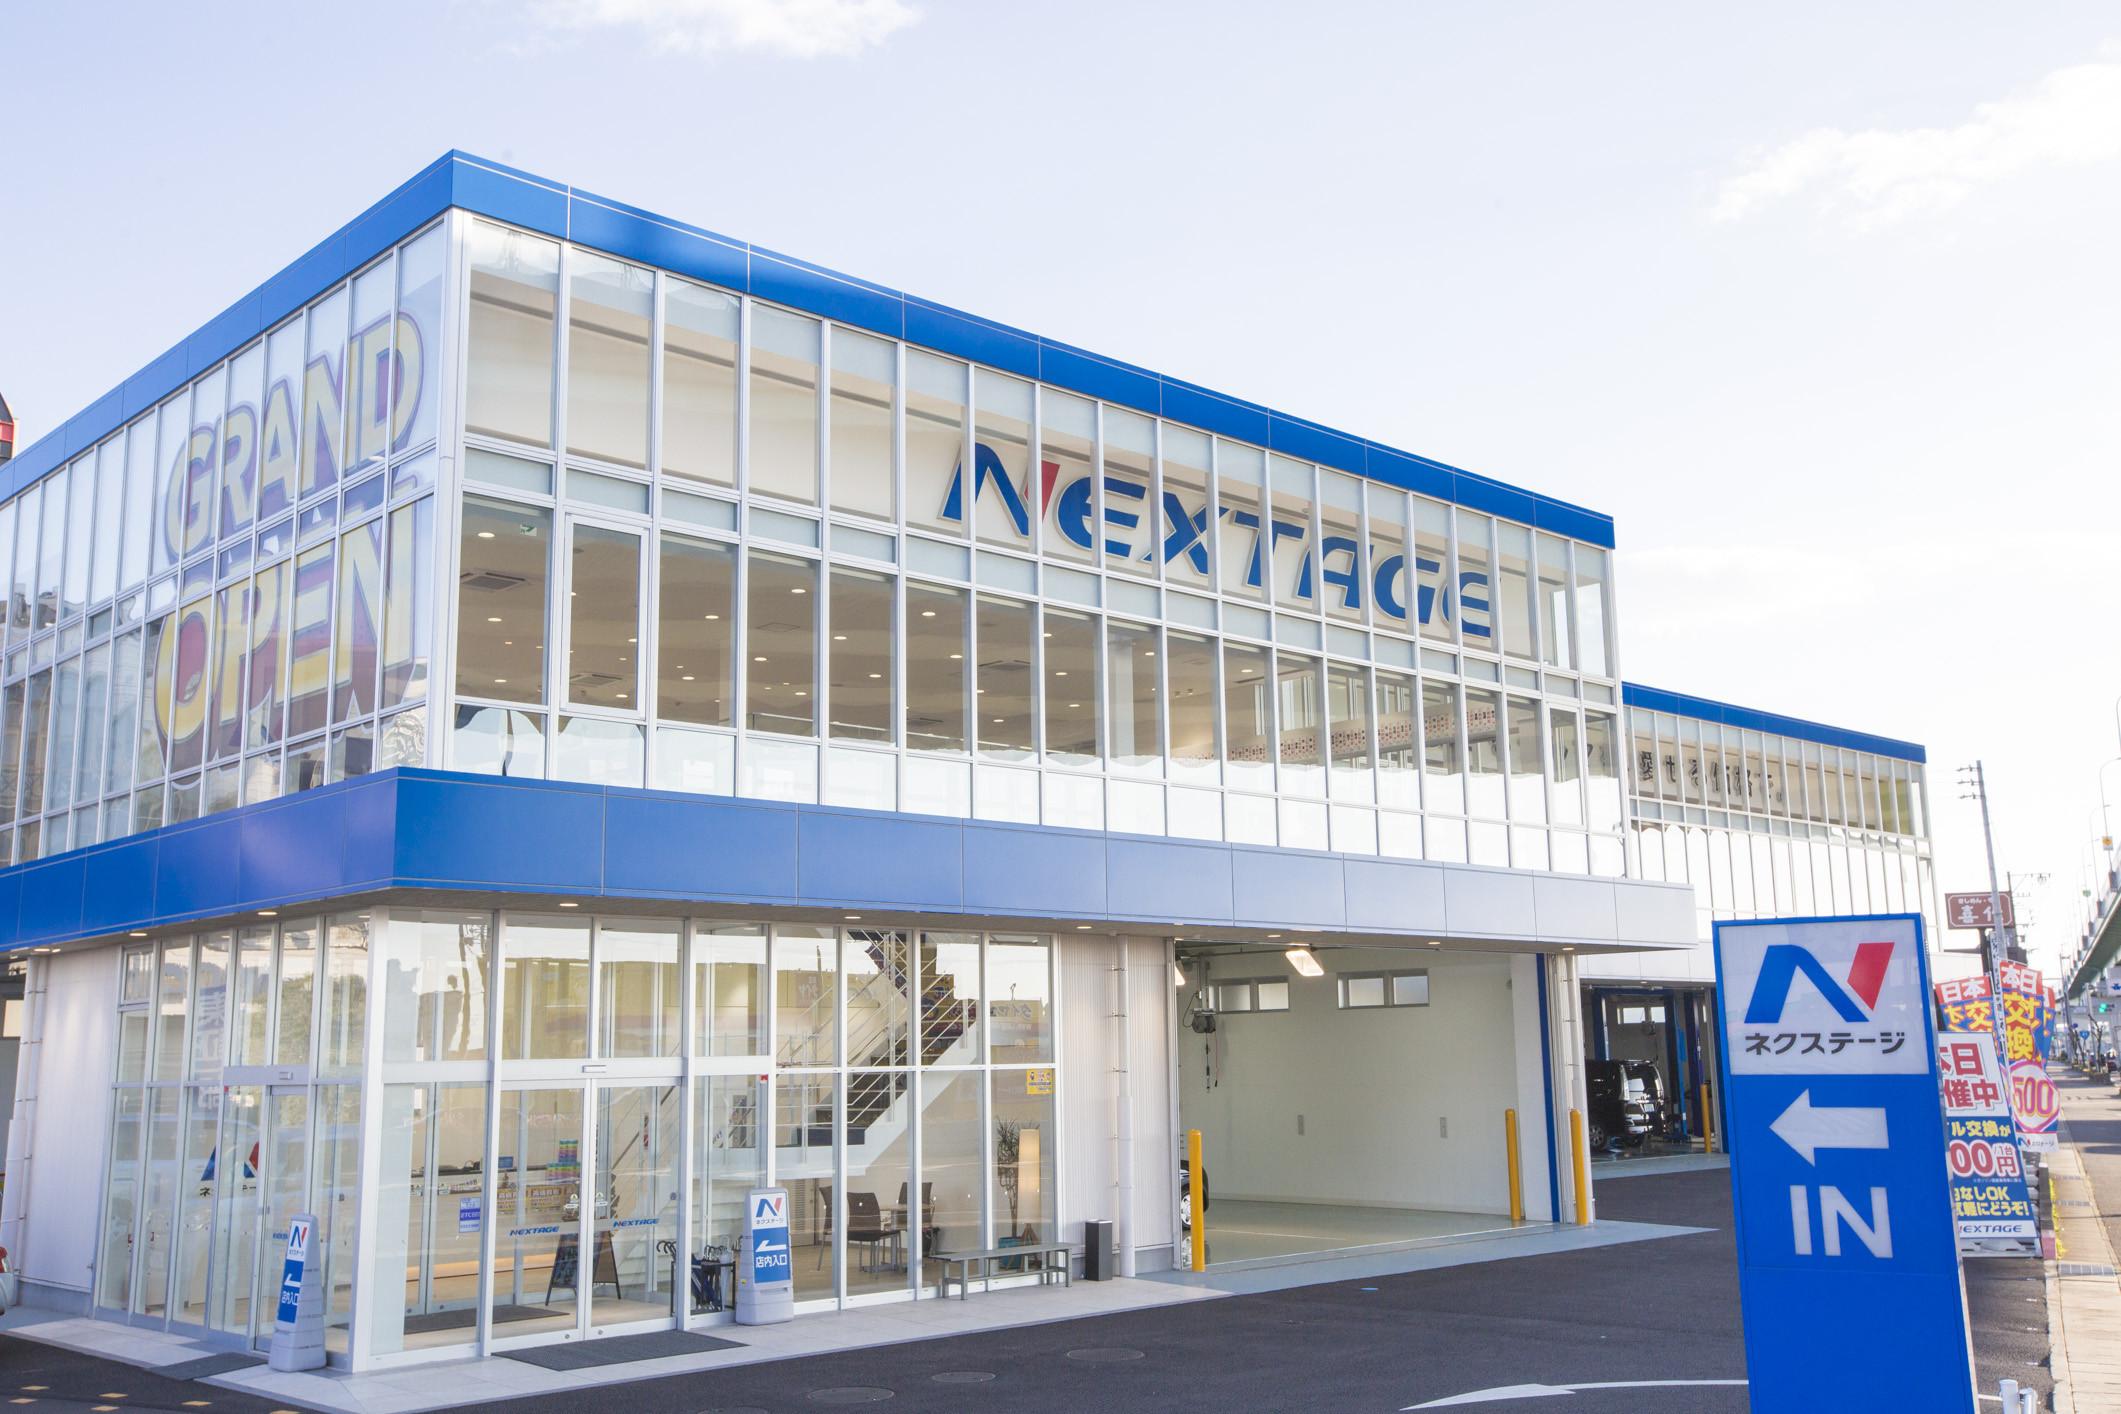 ネクステージ 甲府バイパス 軽自動車専門店のアルバイト情報